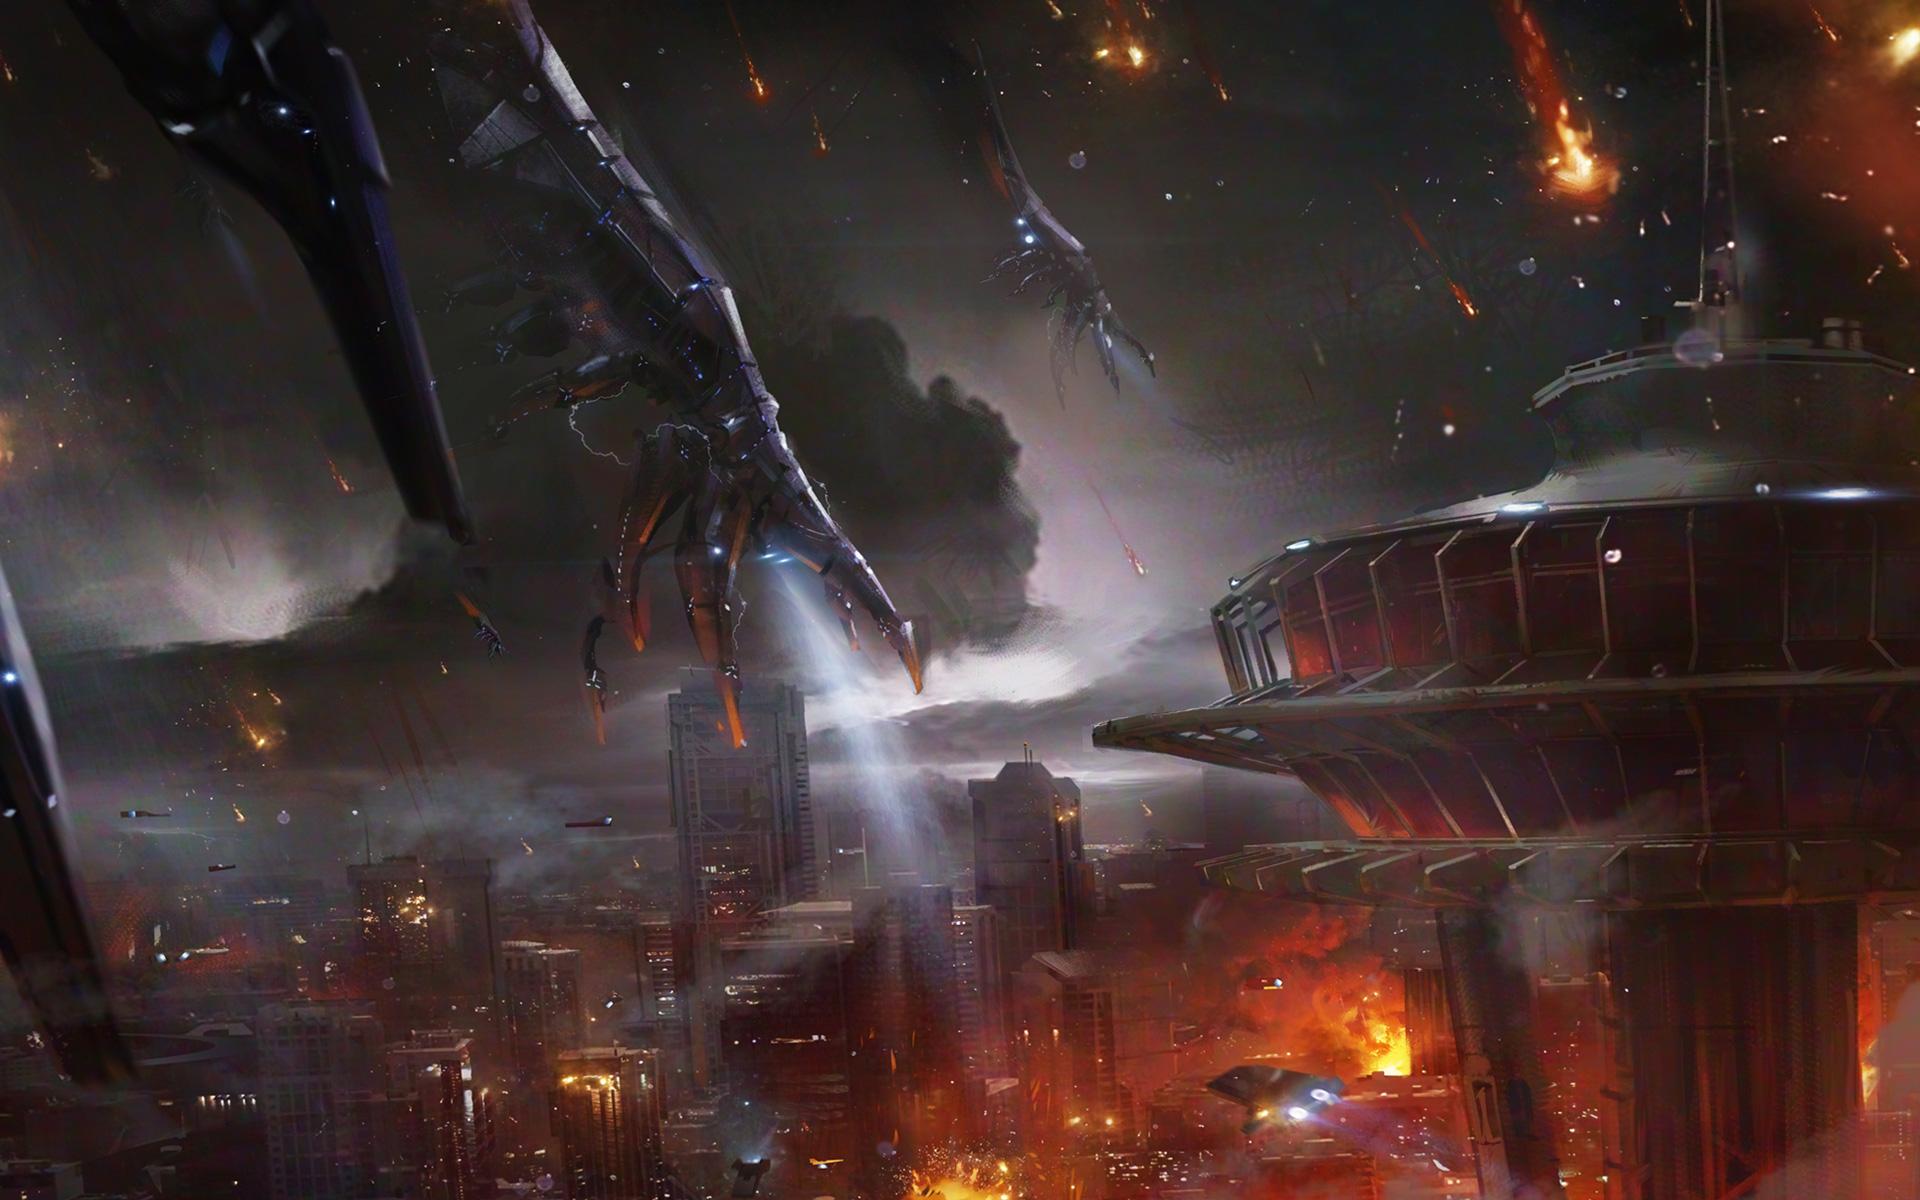 Mass Effect 3 Wallpaper in 1920x1200